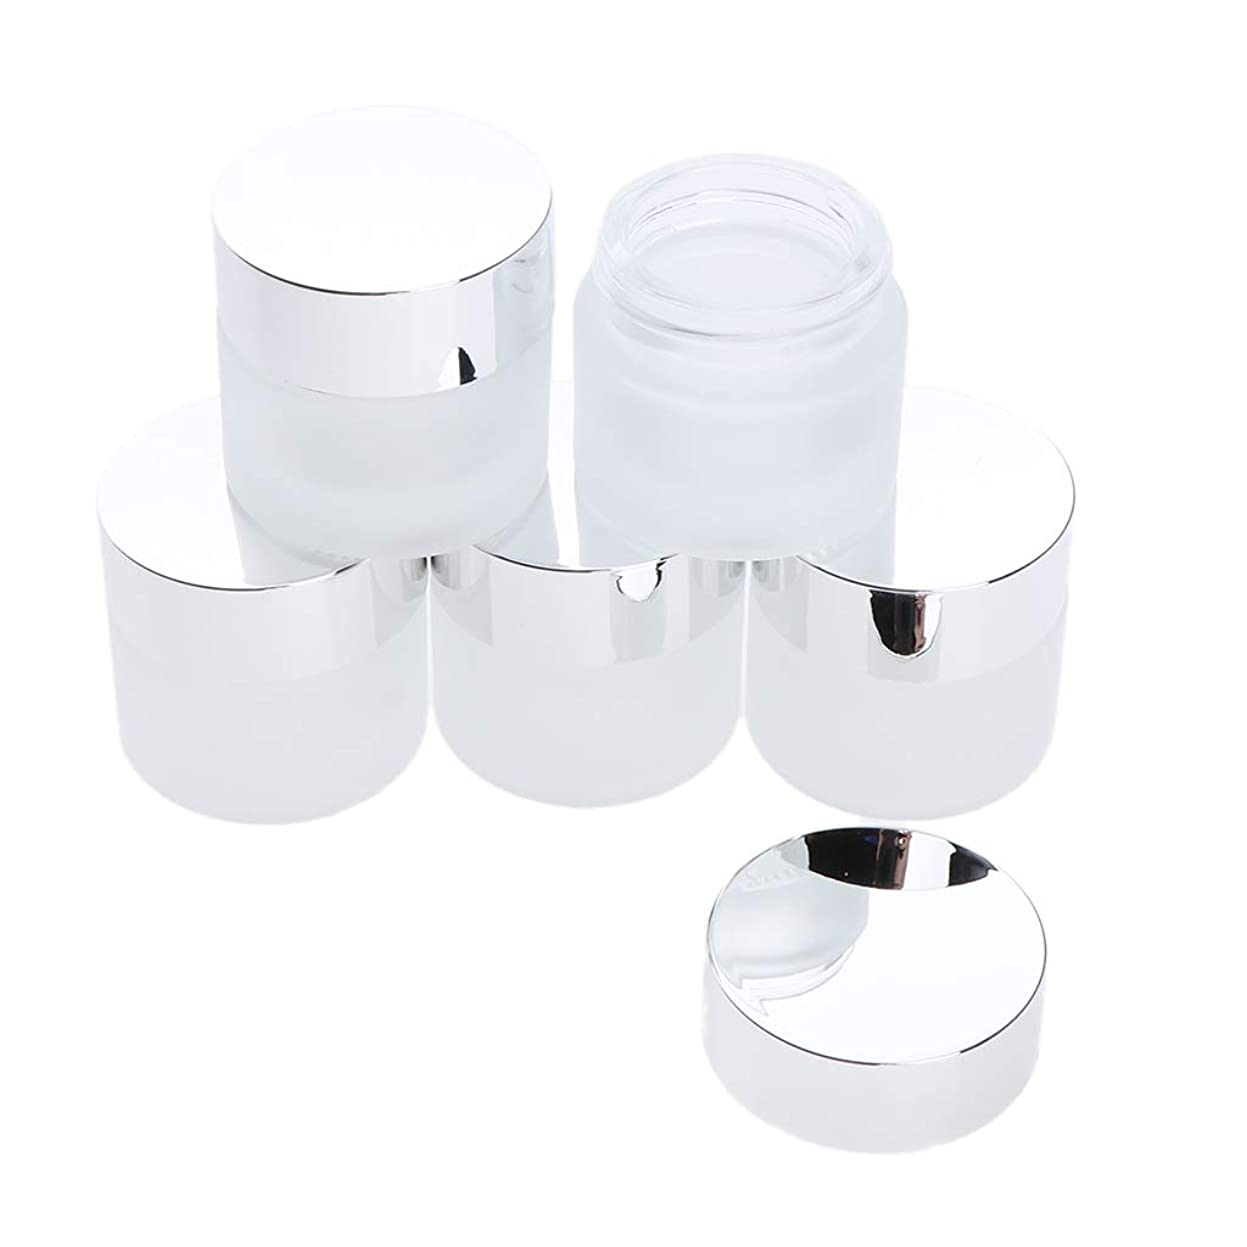 無限大経過火炎Perfeclan 5個 ガラス製 空き缶 フェイスクリーム ボトル 化粧品容器 小分け容器 詰め替え 全2サイズ - 10g